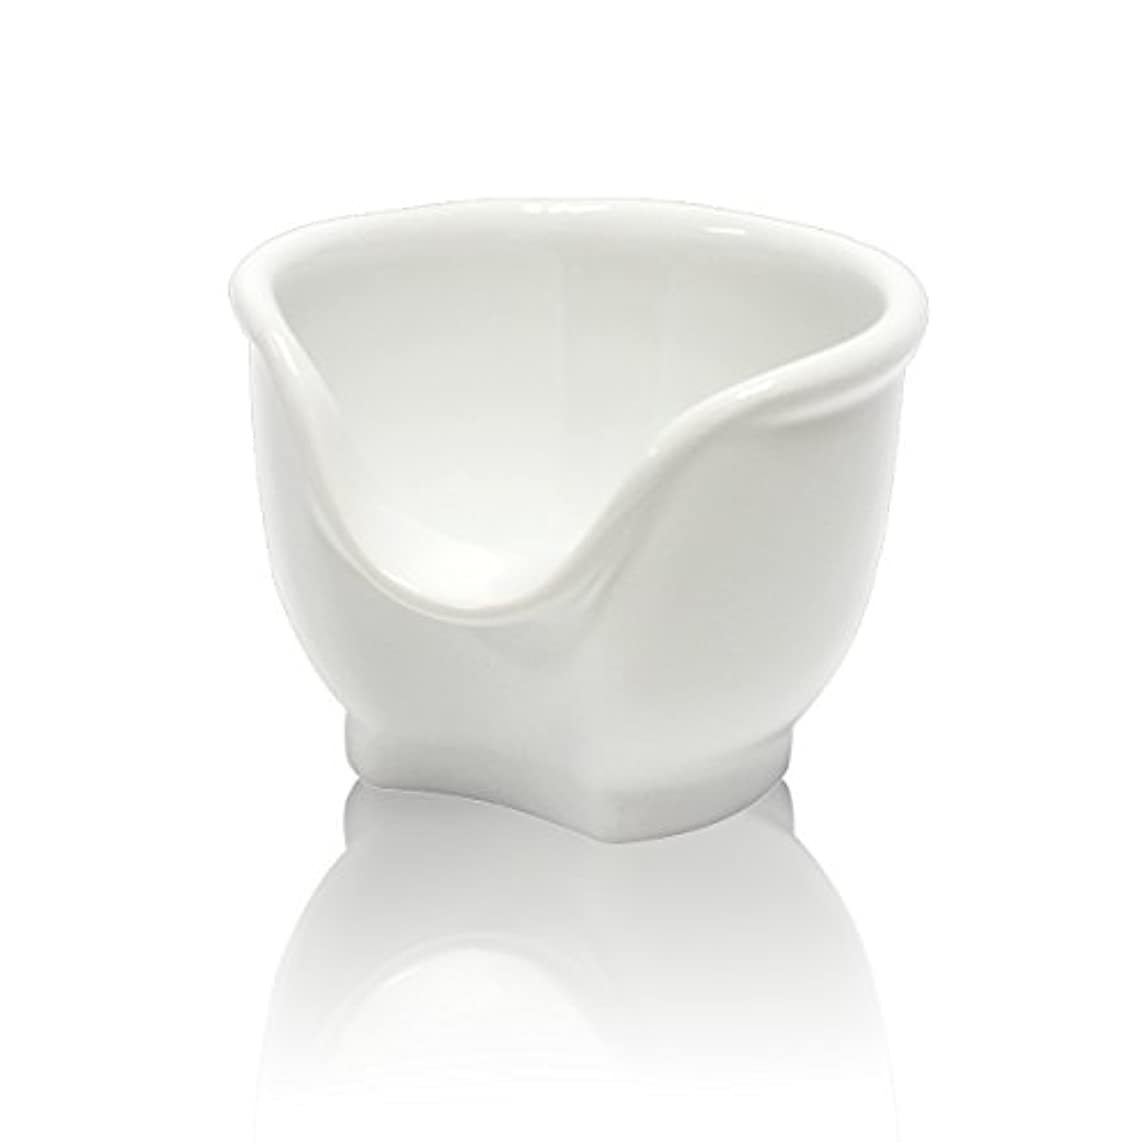 家事をする若さ冷酷なSignstek 磁器製シェービングカップ シェービングボウル 髭剃り石鹸カップ ホワイト